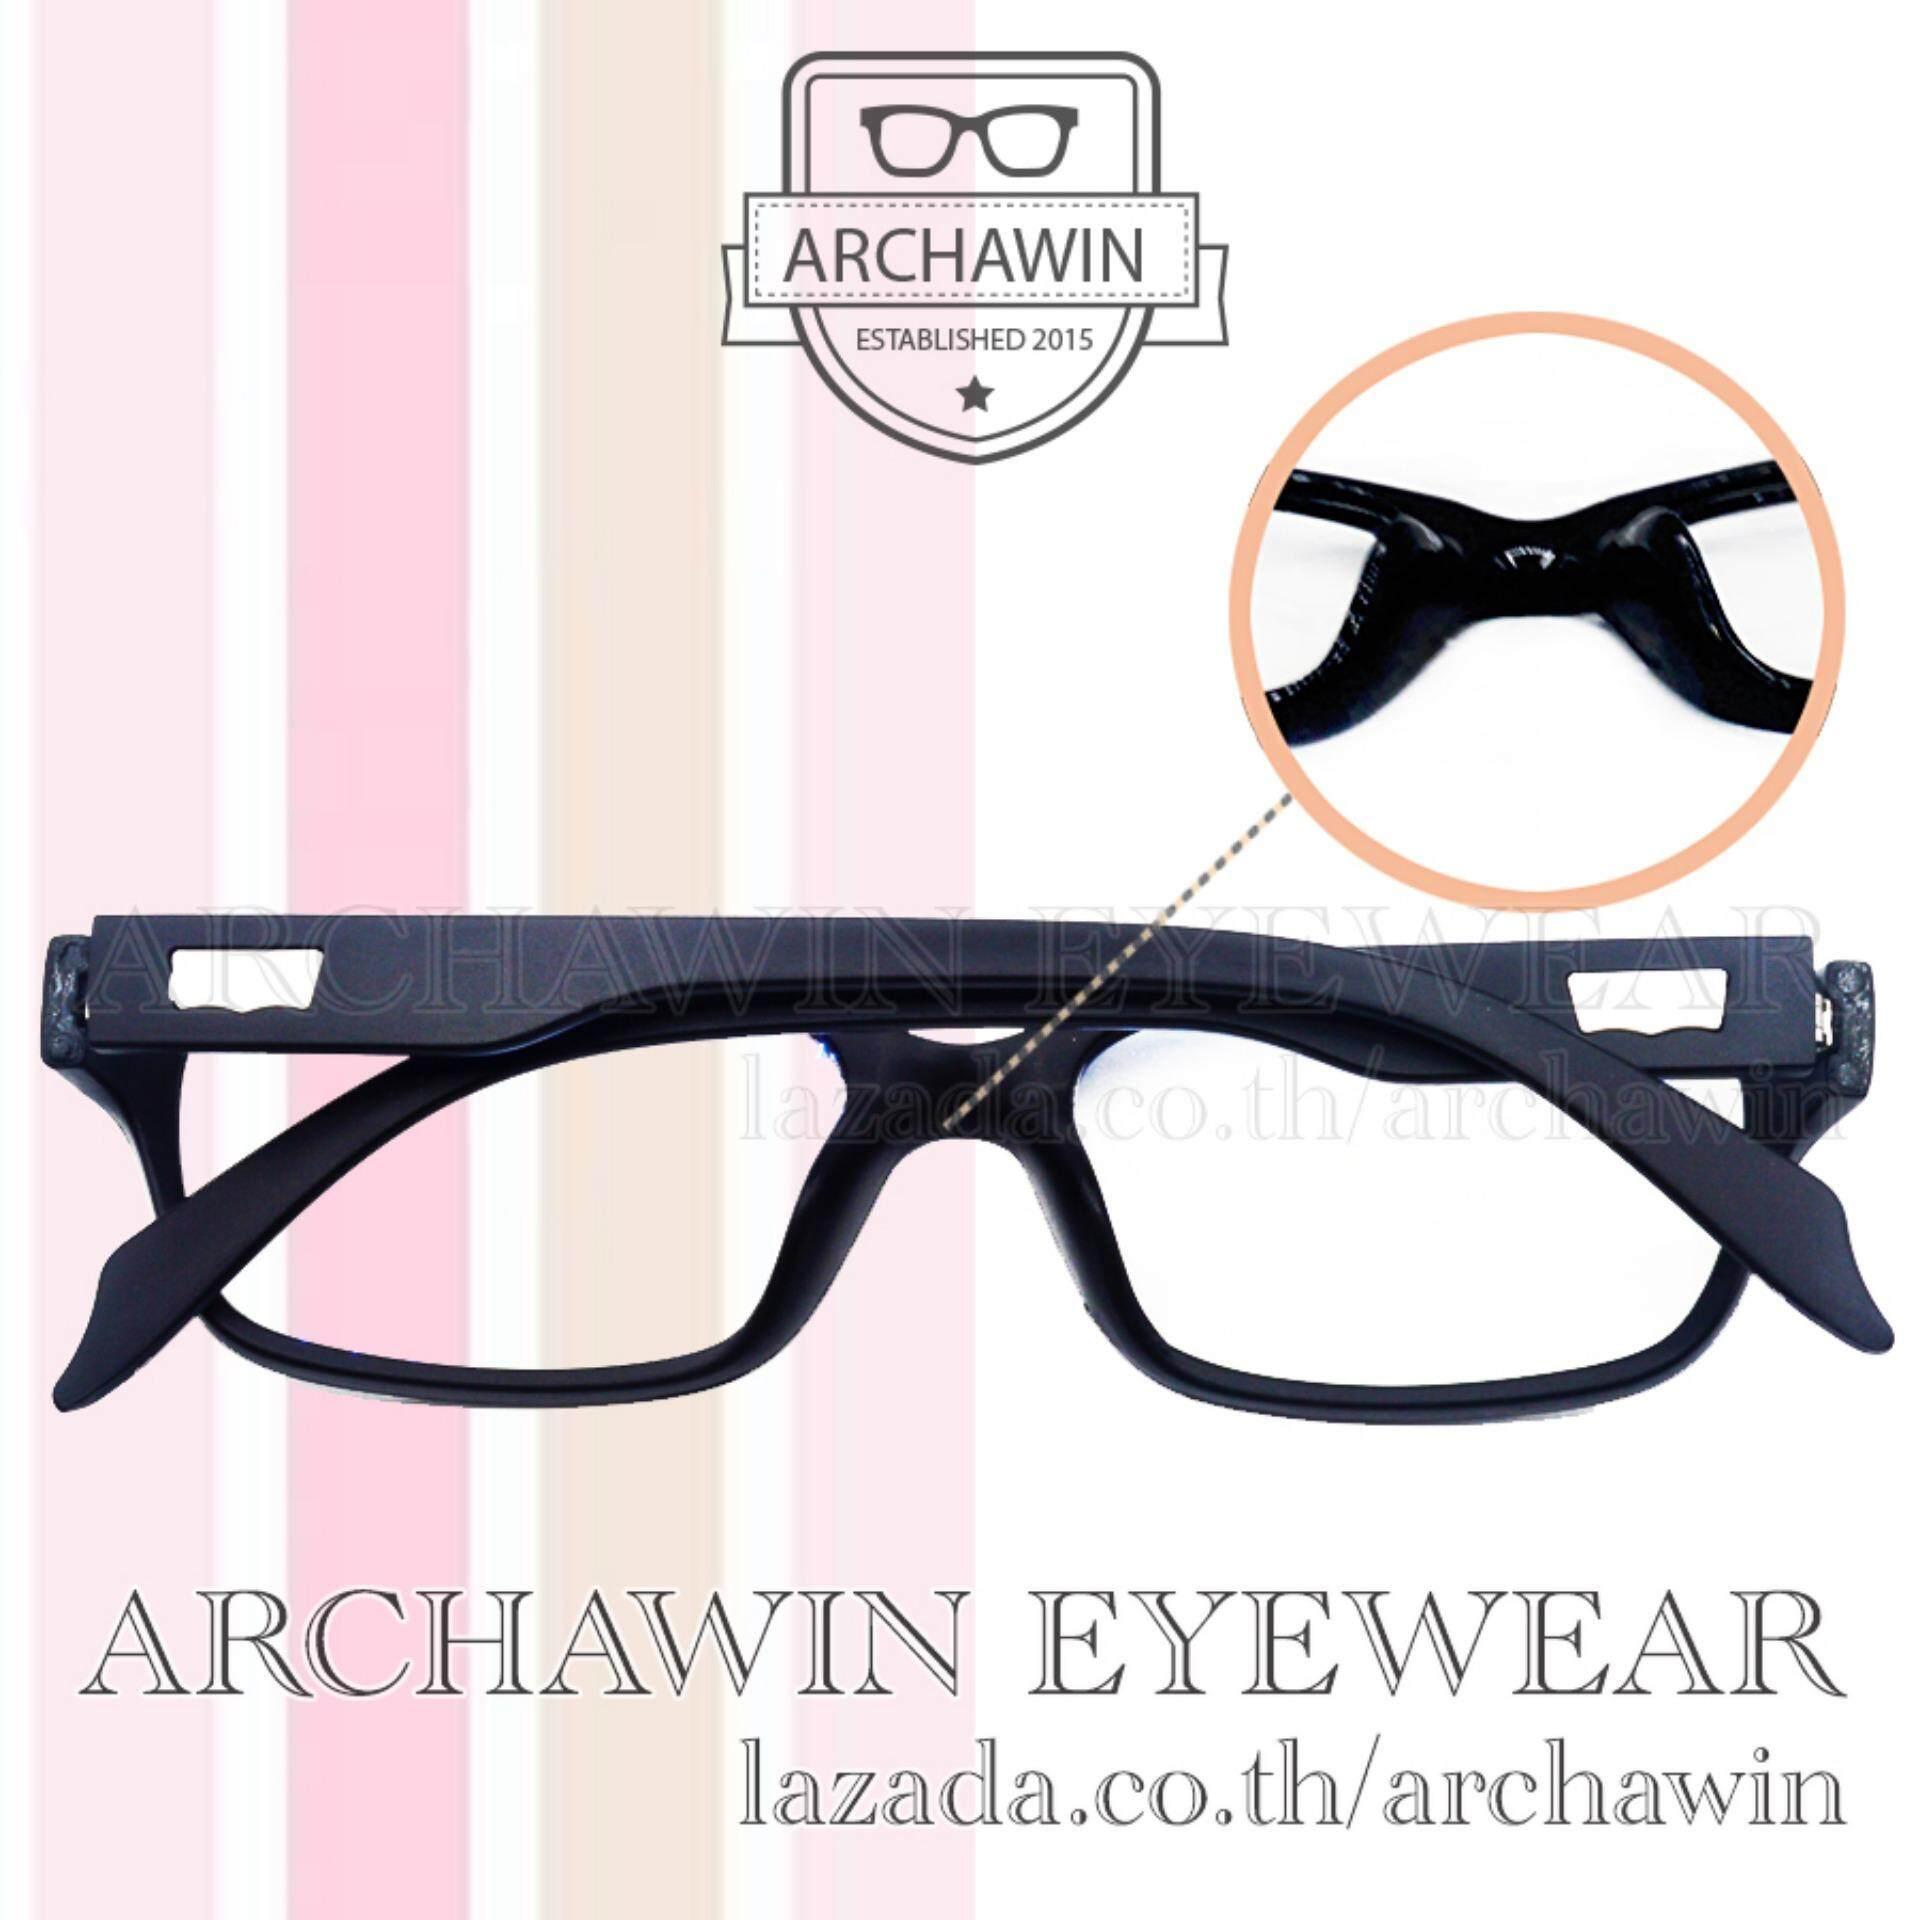 Image 5 for แว่นสายตา แว่นสายตาสั้น ทรงสี่เหลี่ยม พร้อมกรองแสงคอม รุ่น 1287 J1 ค่าสายตา -200